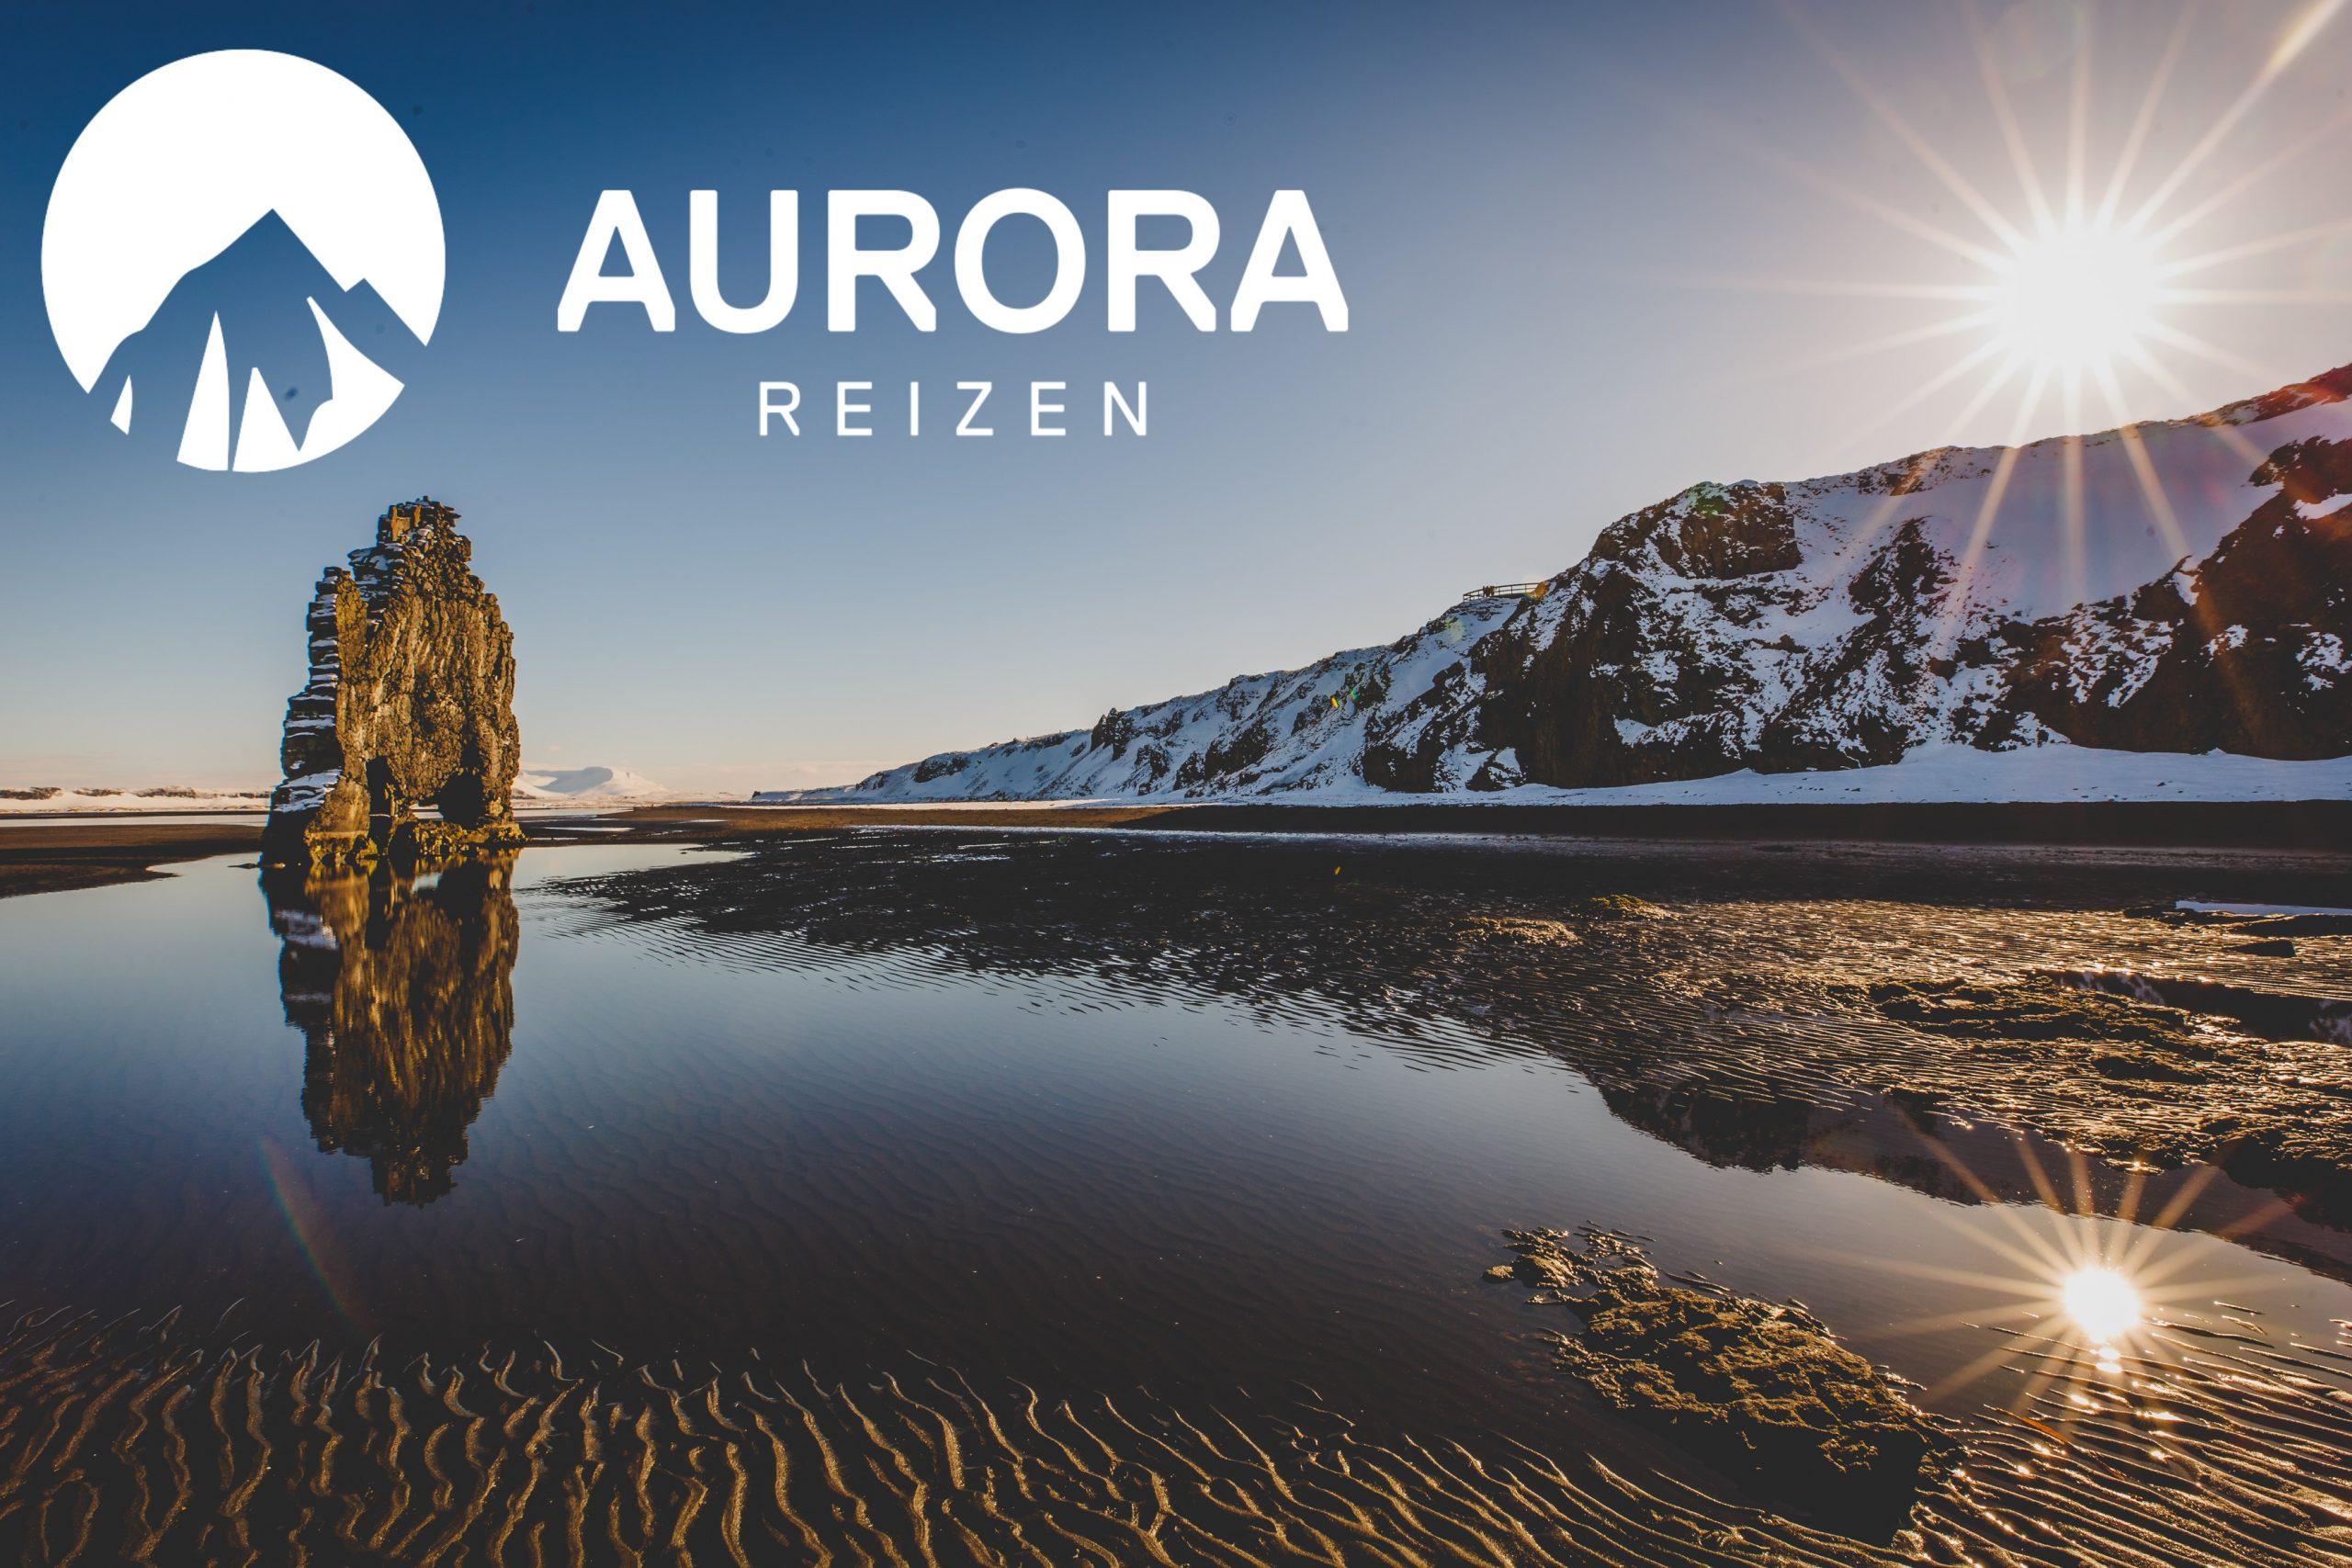 Aurora Reizen